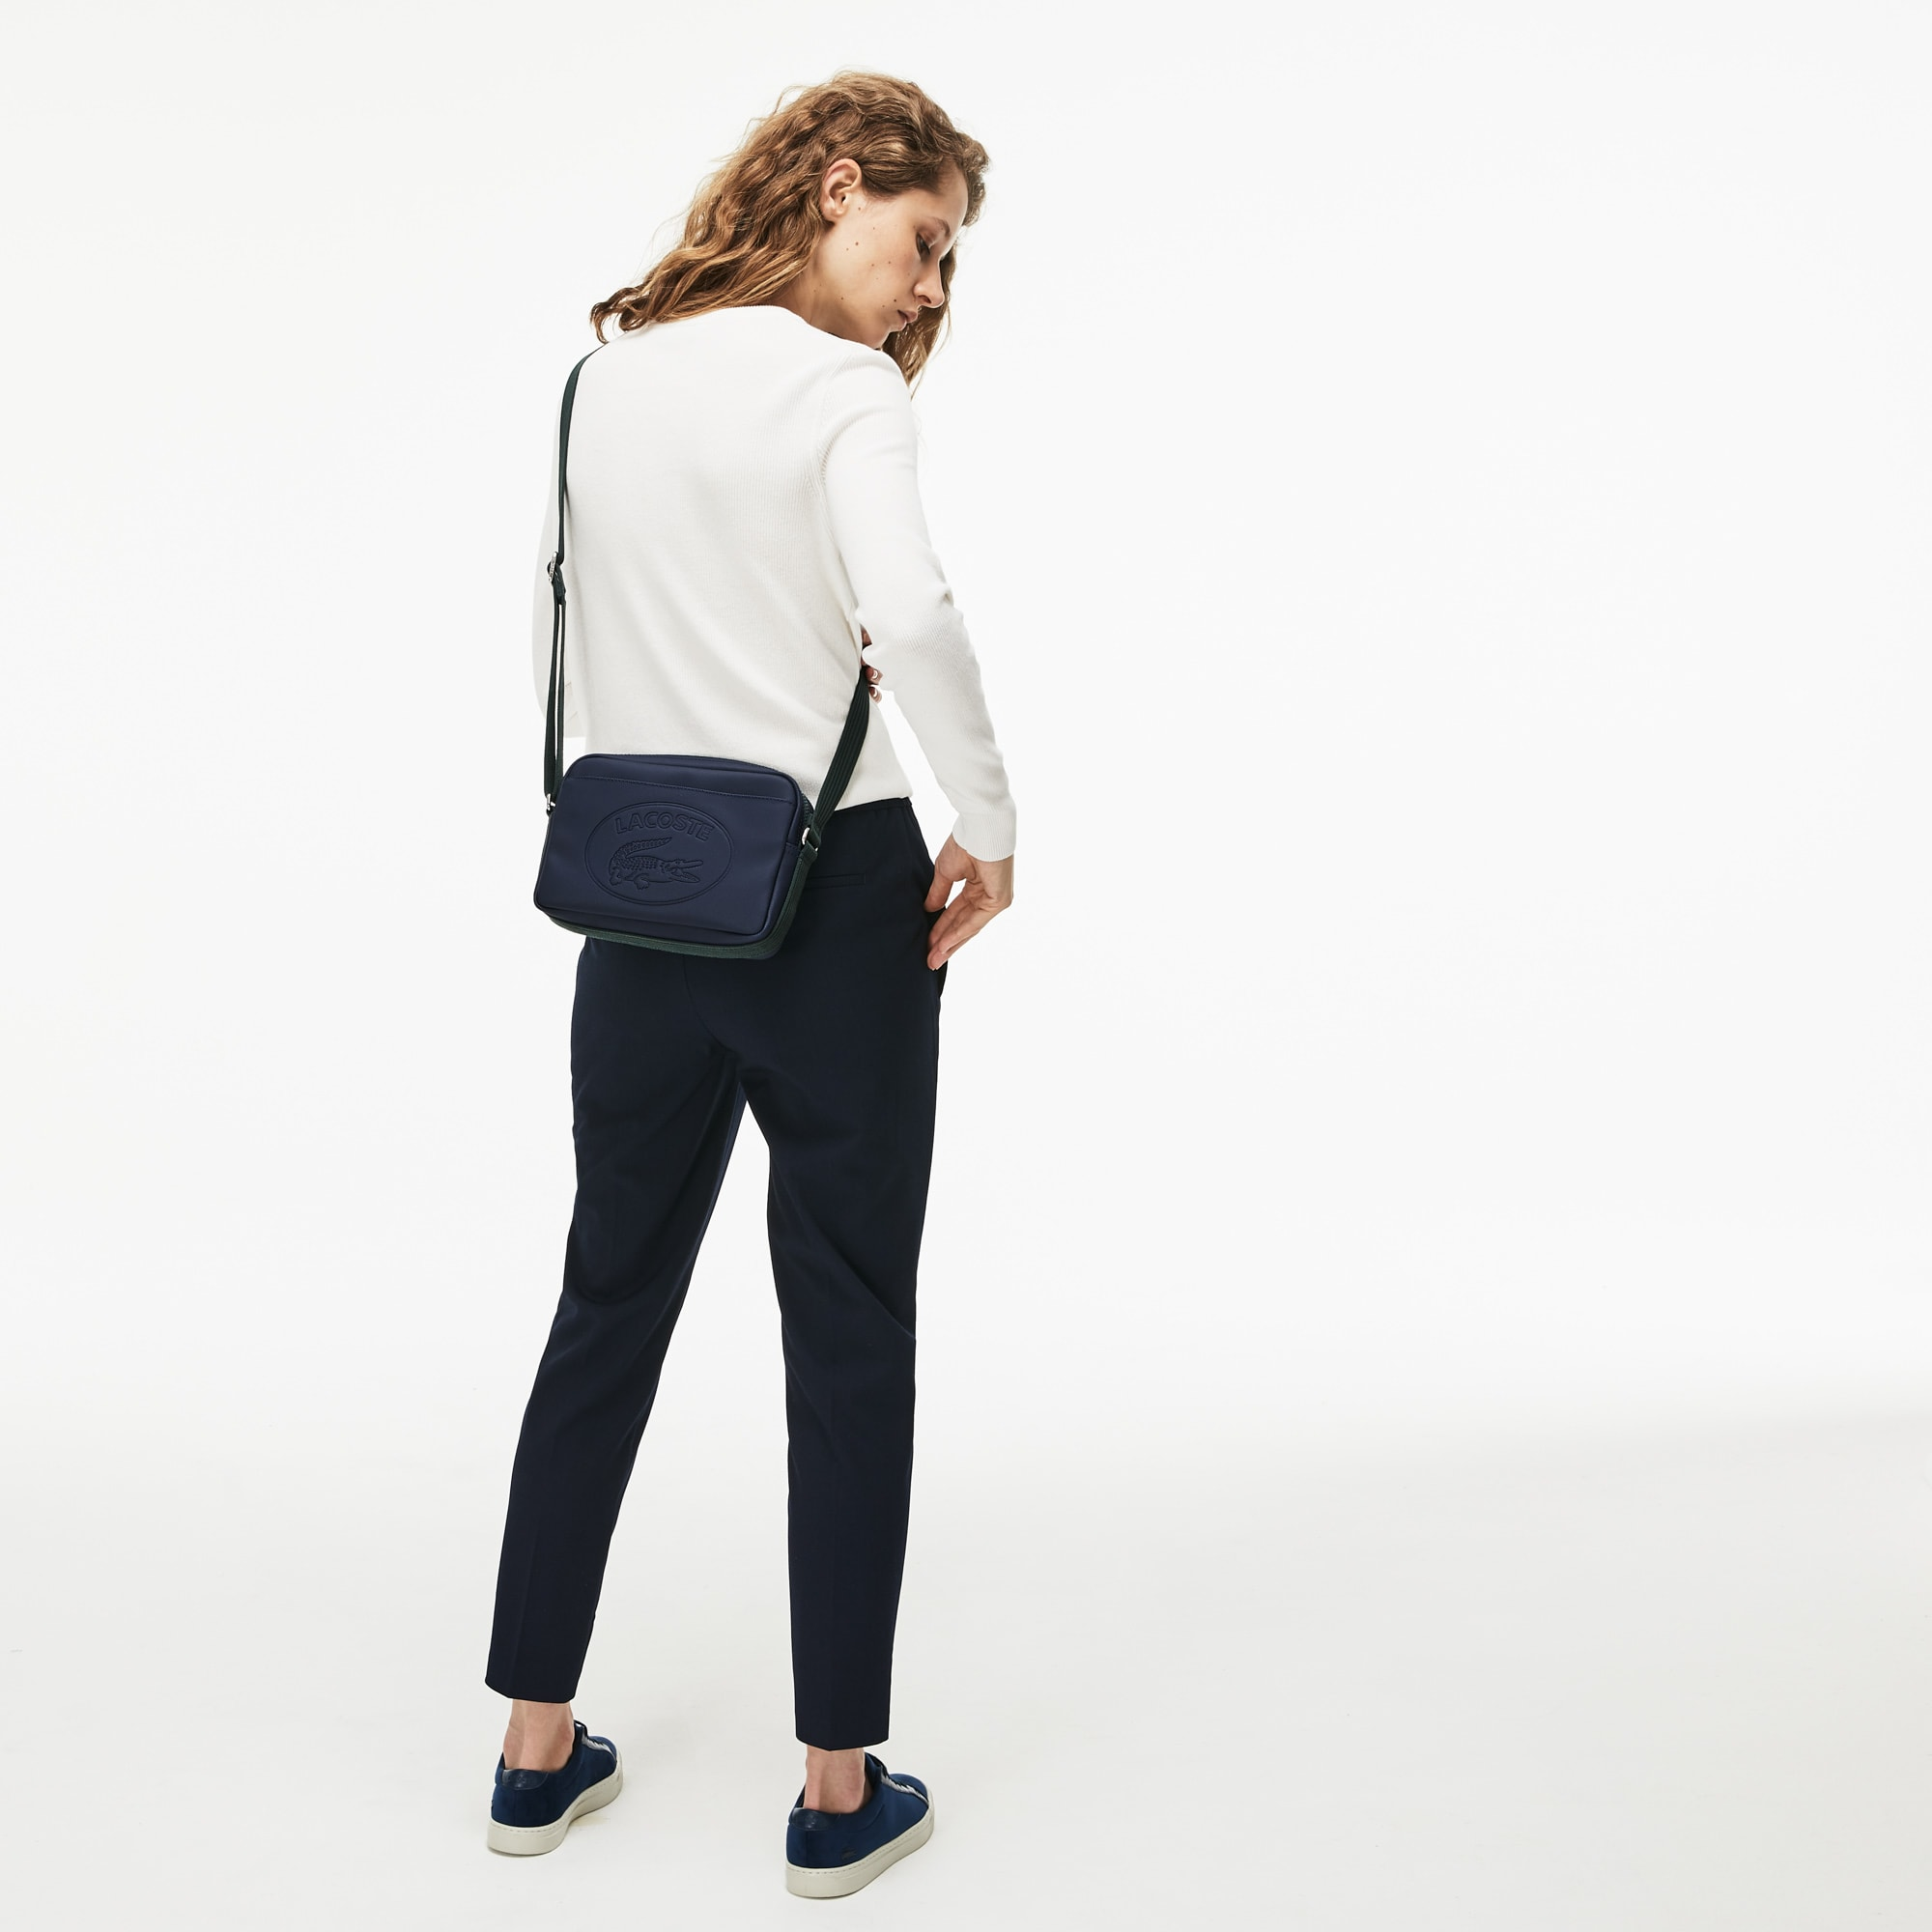 Sac bandoulière Women's Classic bicolore